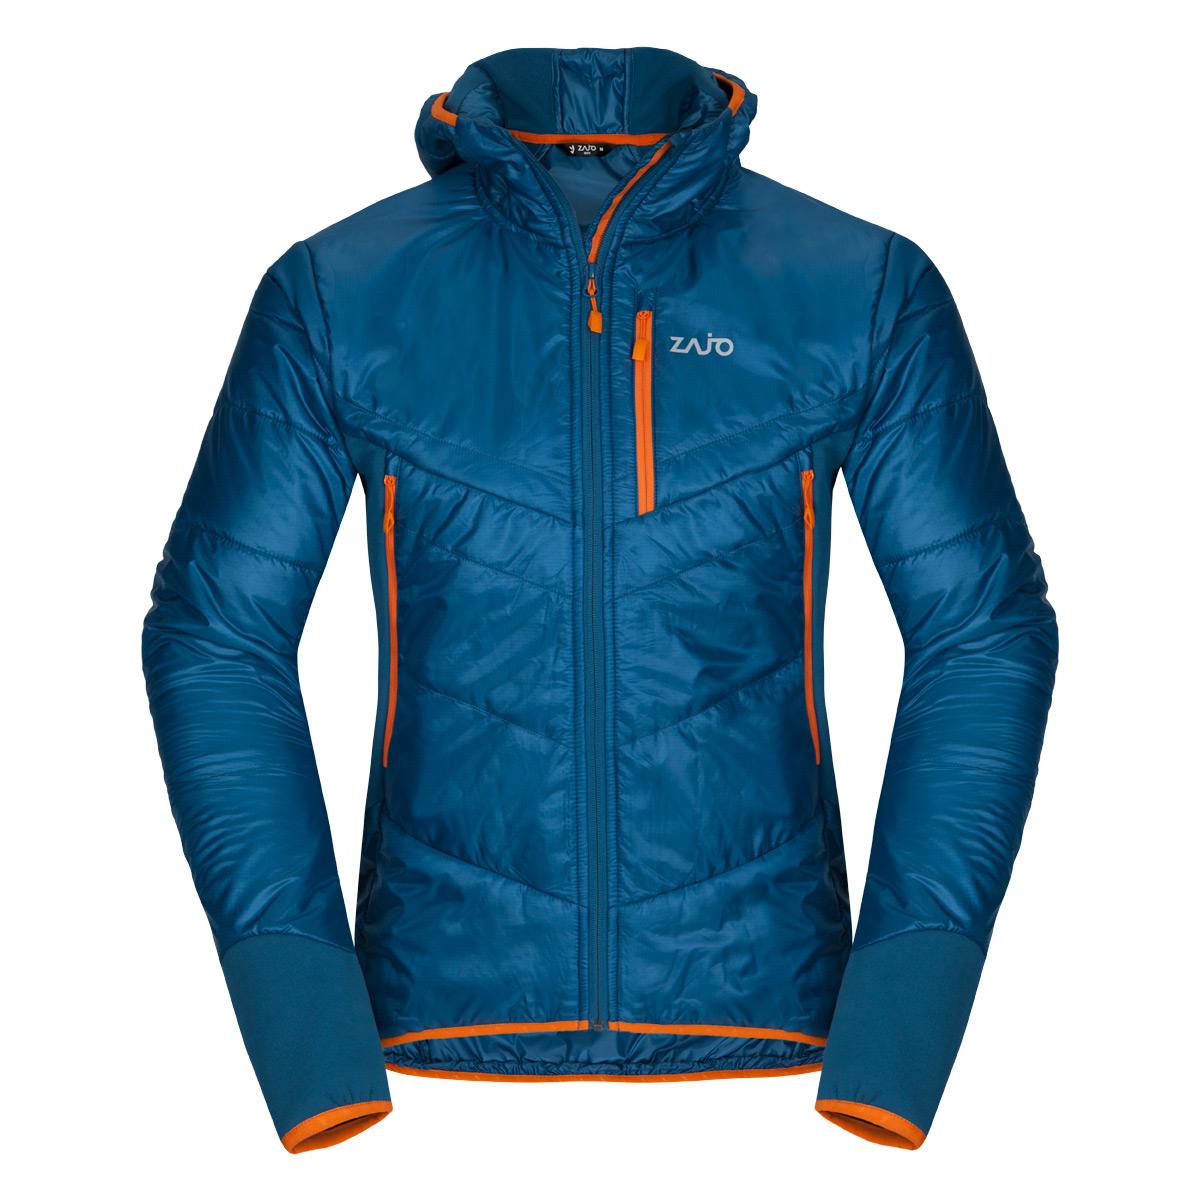 Pánska bunda Zajo Arth JKT Moroccan Blue - veľkosť S